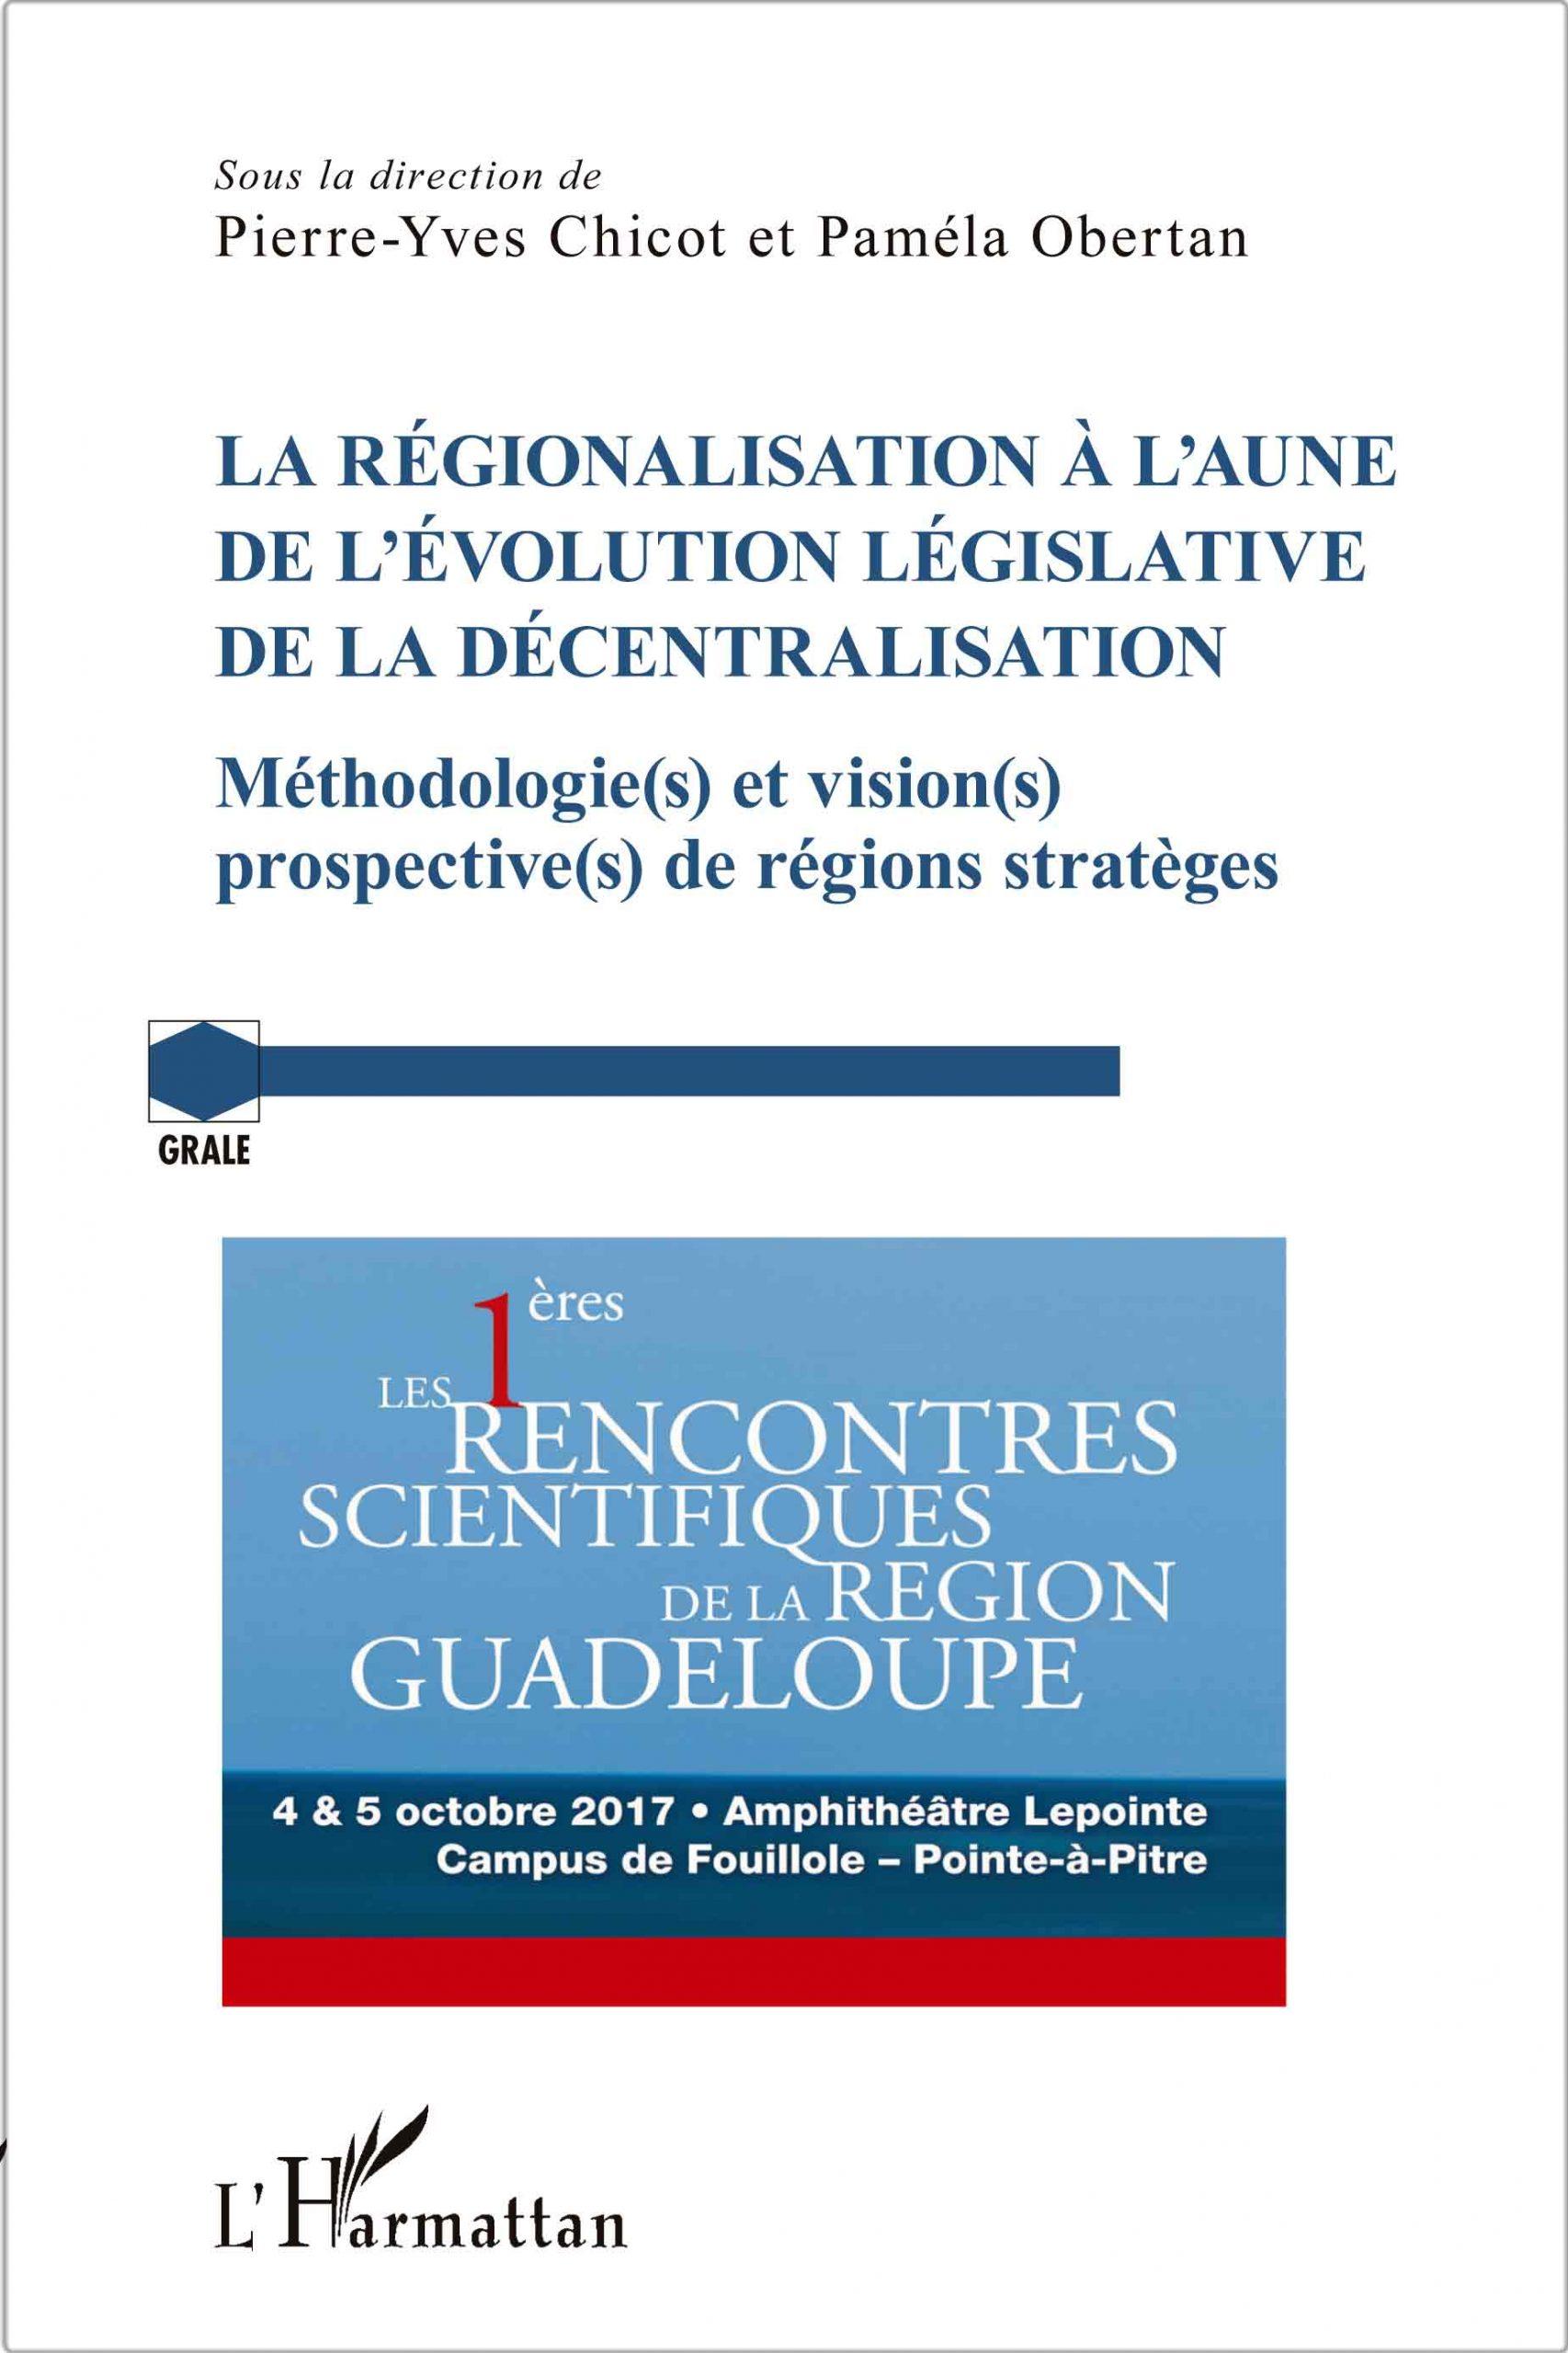 Régionalisation à l'aune de l'évolution législative de la décentralisation. Méthodologie(s) et visions(s) prospective(s) de régions stratèges (La)